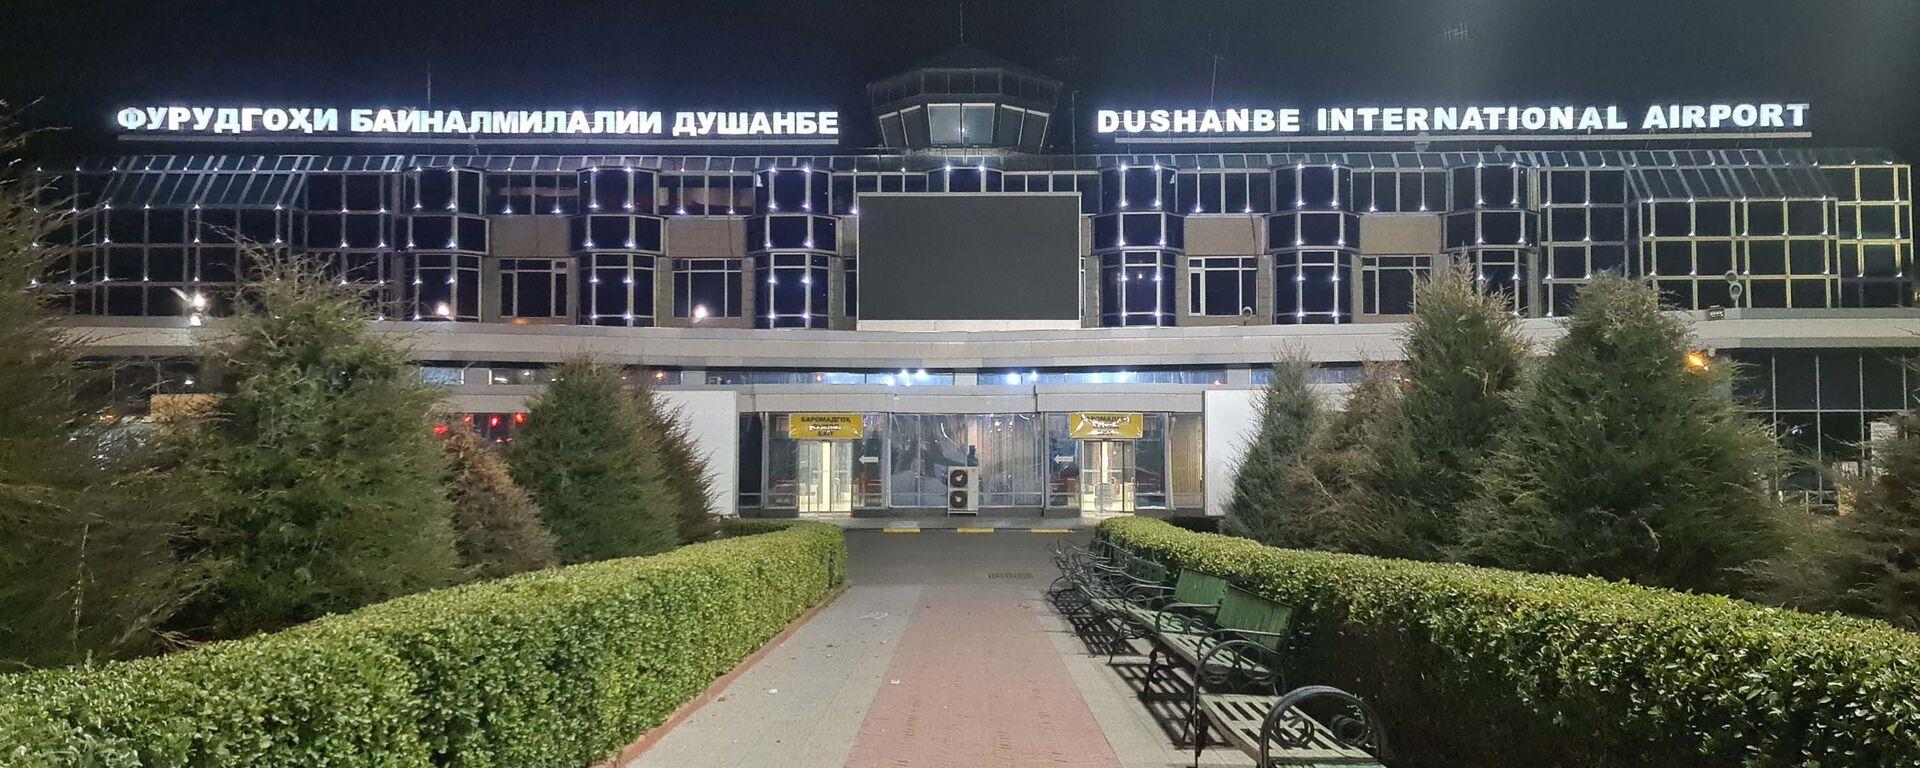 Аэропорт в Душанбе ночью, архивное фото - Sputnik Таджикистан, 1920, 11.05.2021